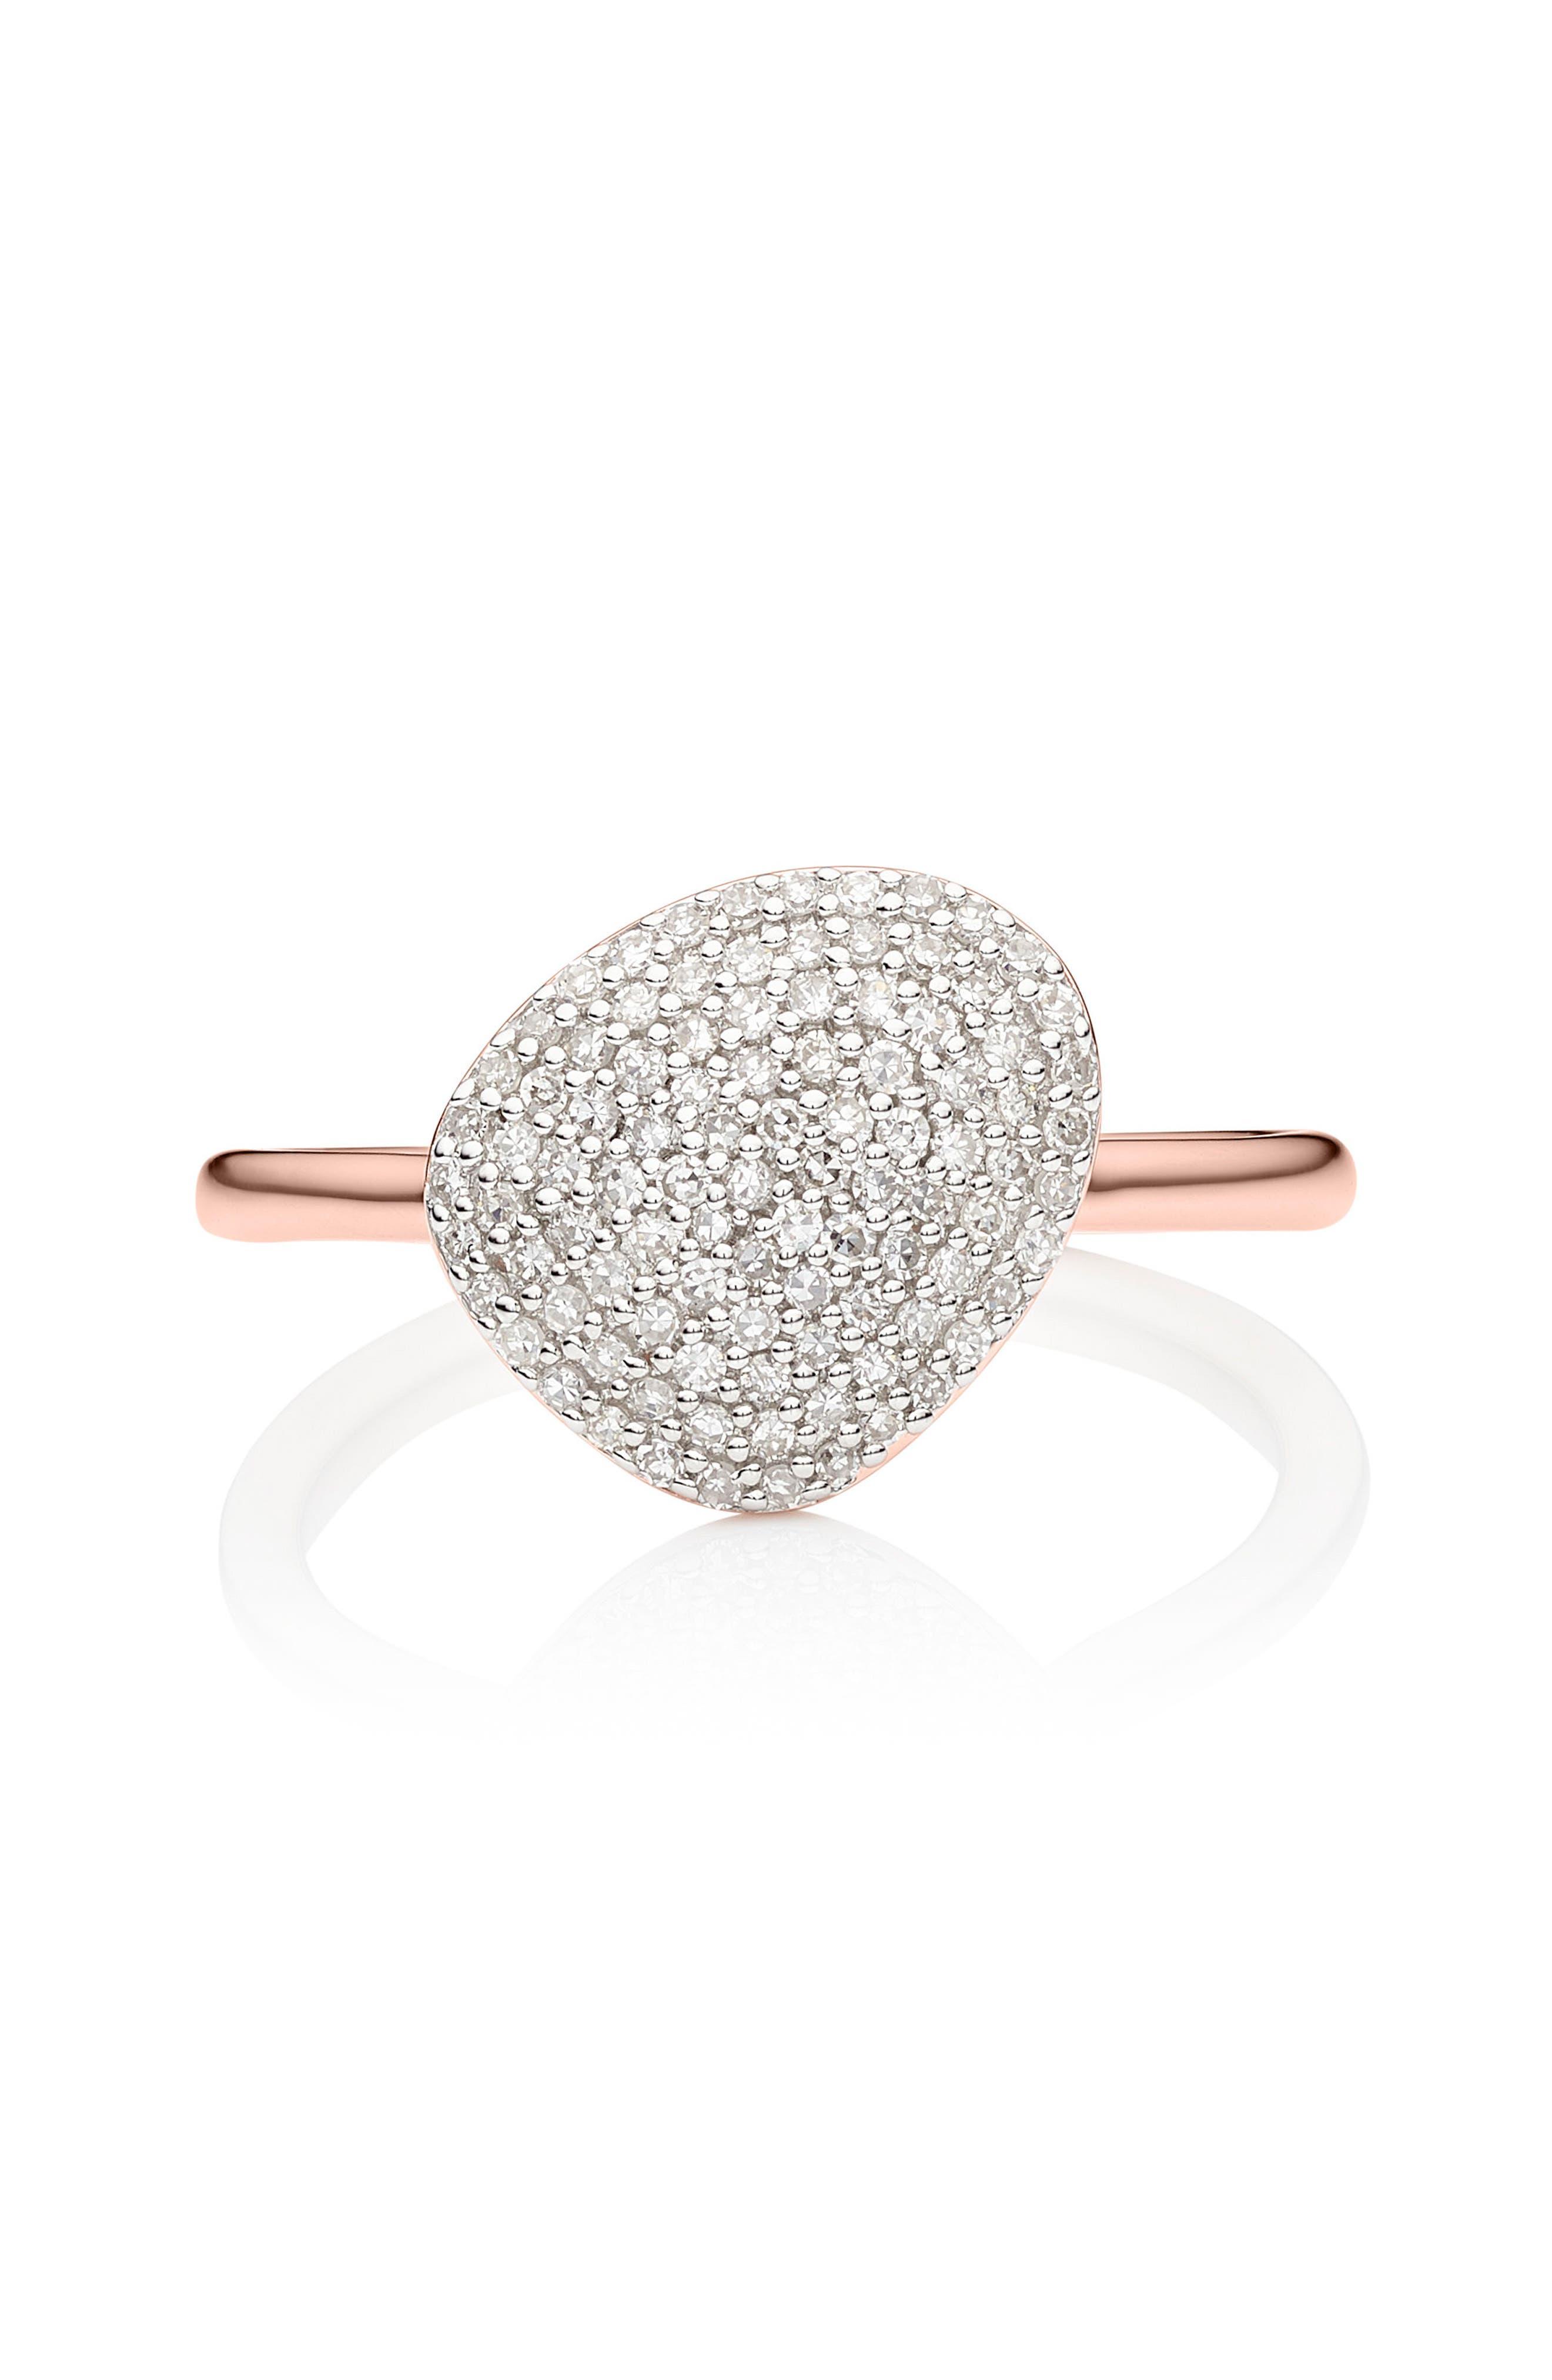 Nura Diamond Pebble Ring,                             Alternate thumbnail 3, color,                             ROSE GOLD/ DIAMOND